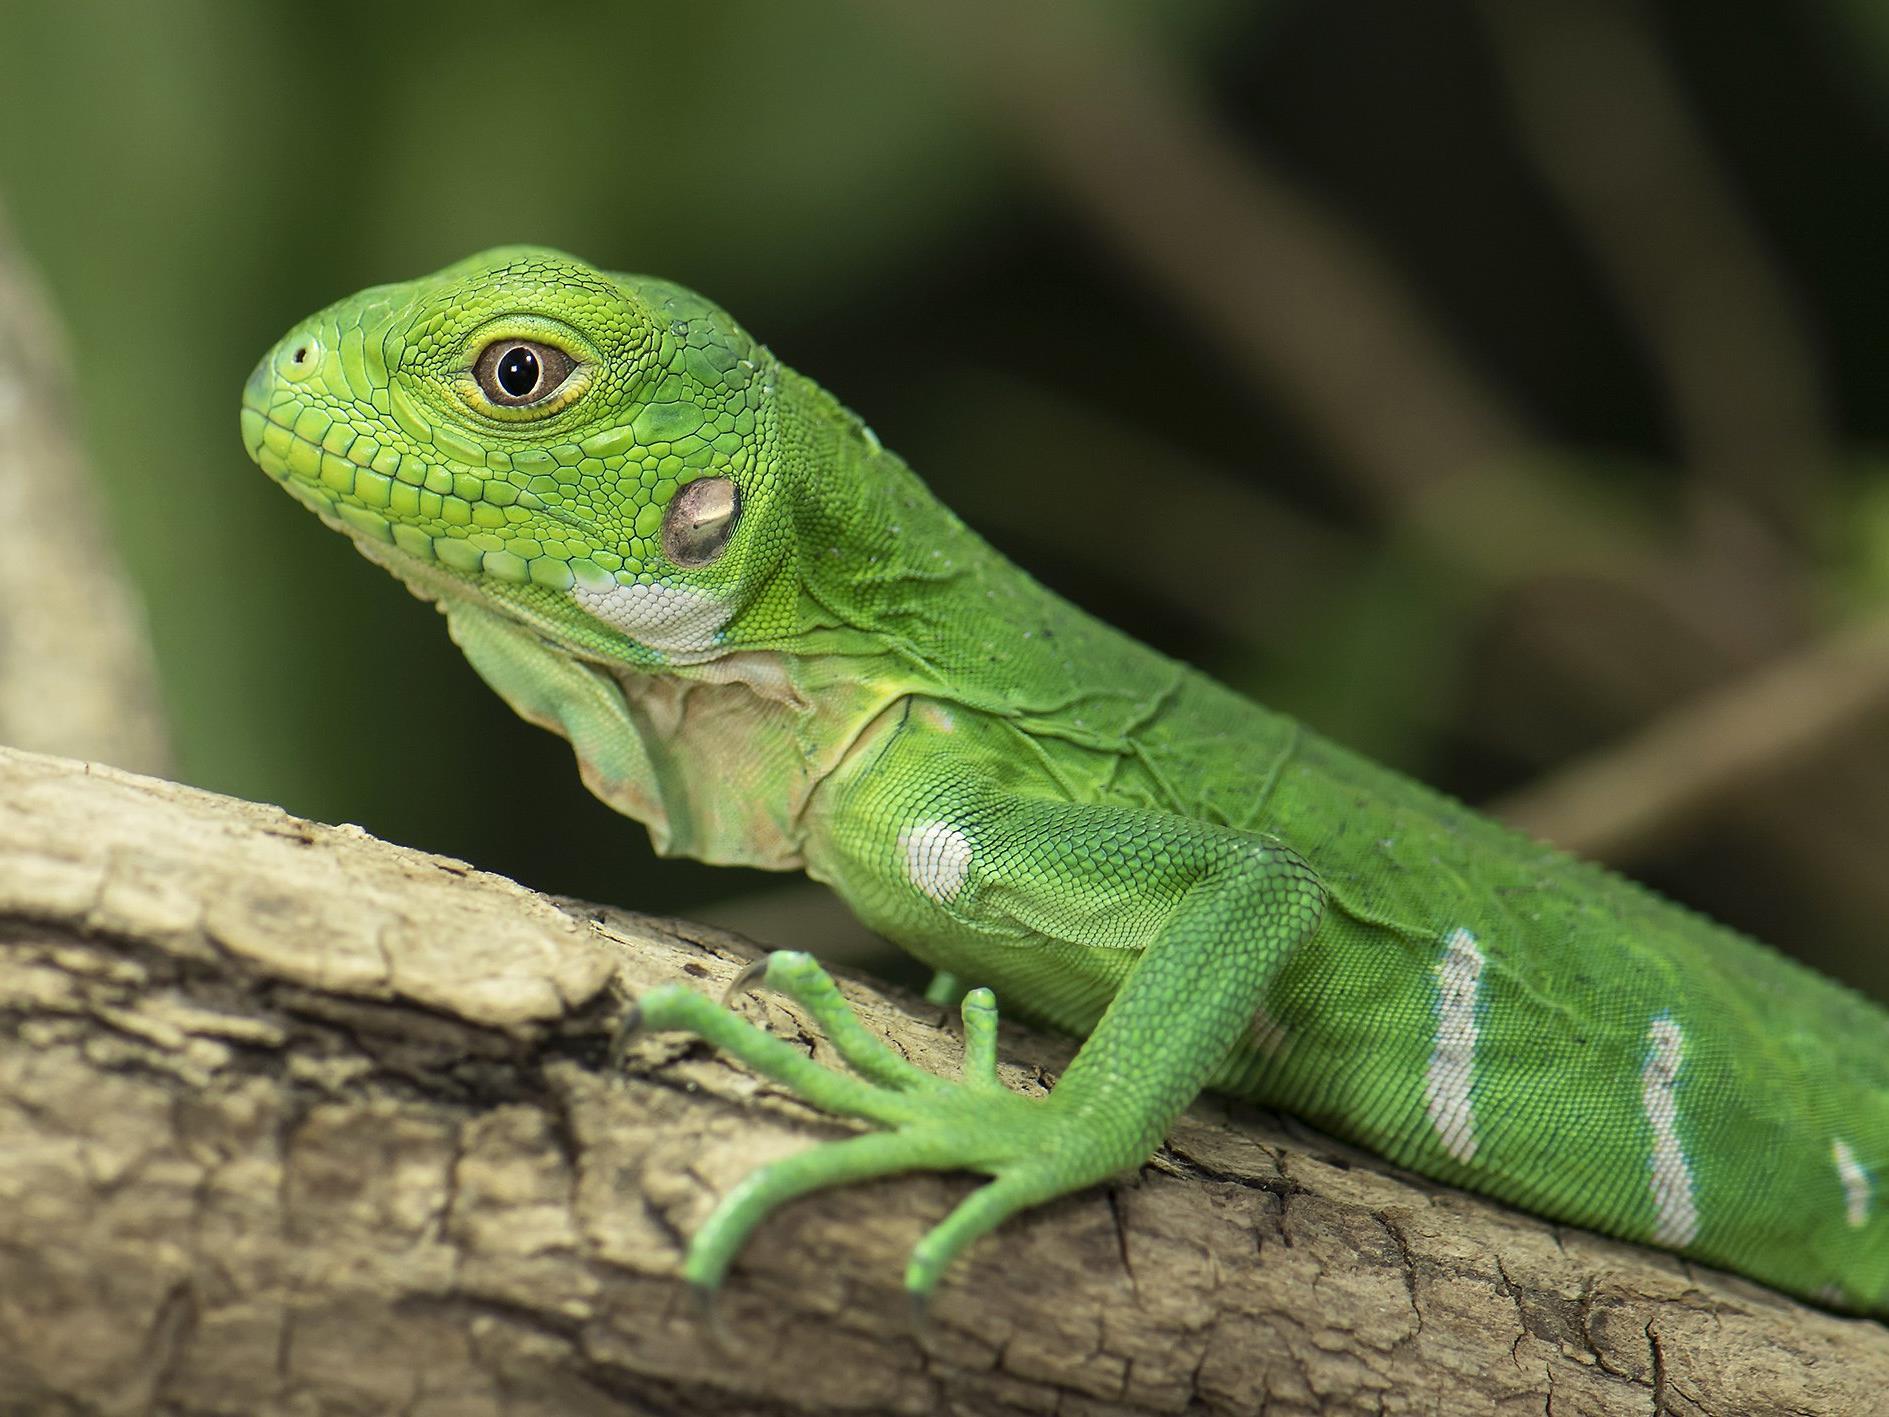 Eines der Antillenleguan-Jungtiere